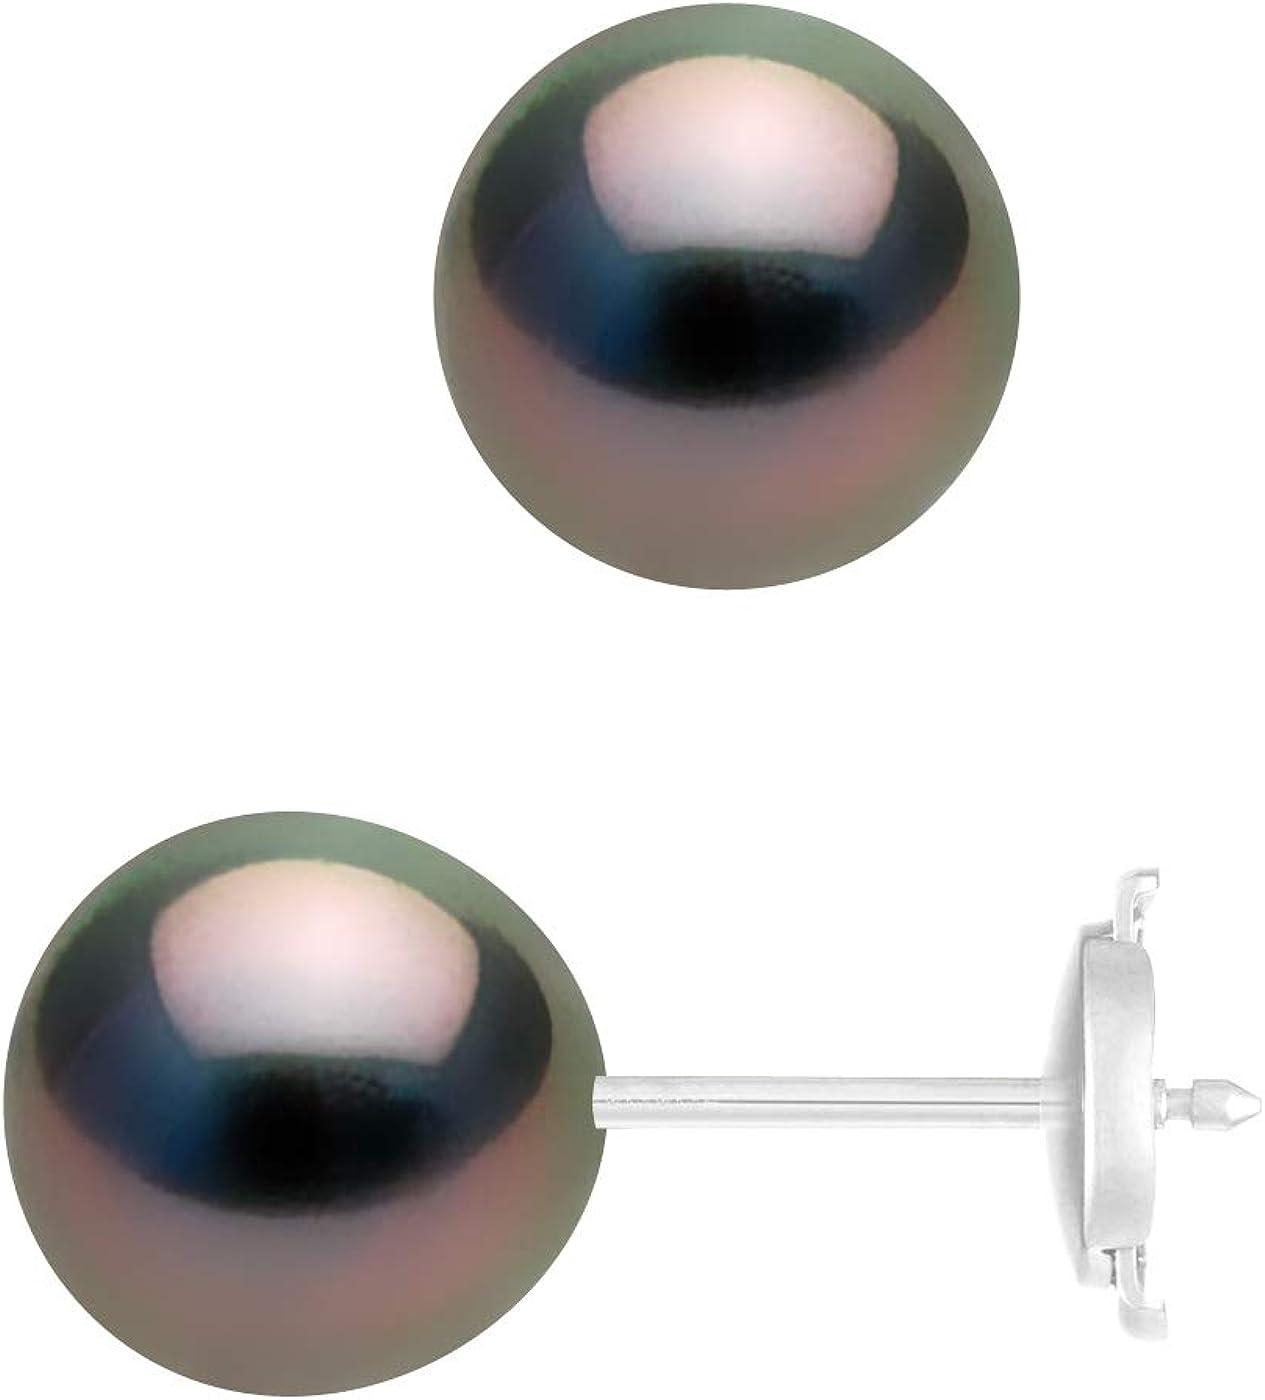 Argent Massif 925 Milli/èmes Bijou Femme Parure Joaillerie Prestige Pearls /& Colors V/éritable Perle de Culture d Douce Collier Boucles doreilles